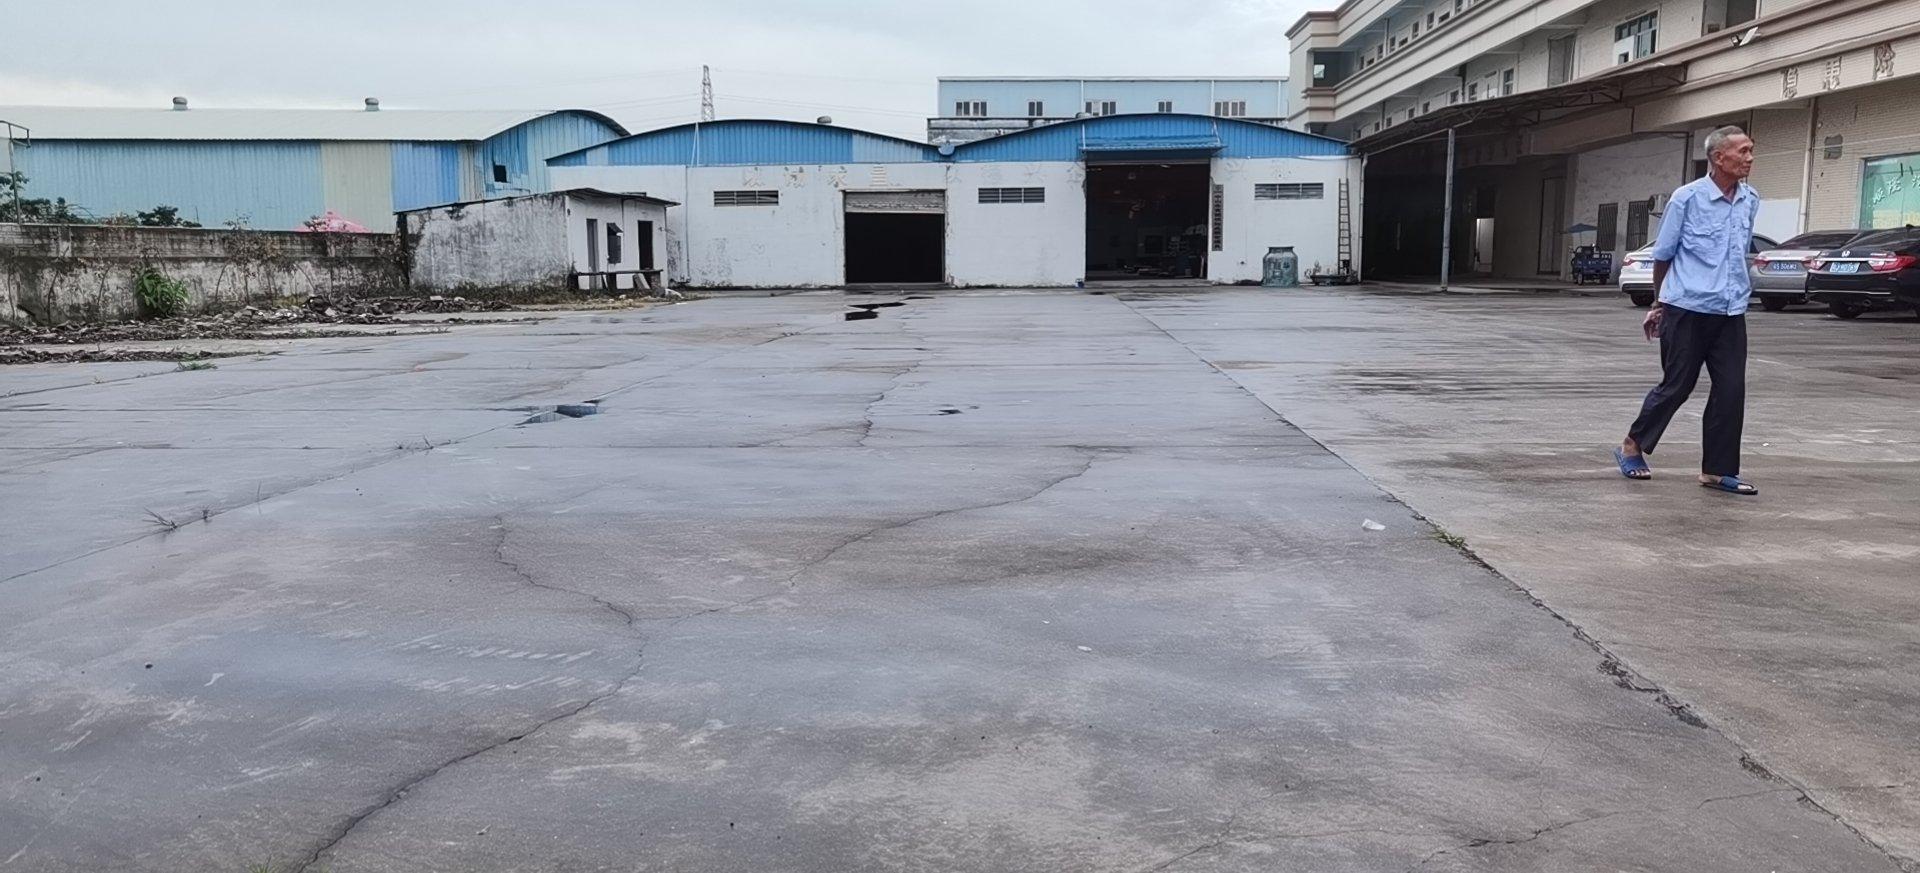 中山市黄圃镇兴圃道标准工业厂房一楼商铺三楼厂房